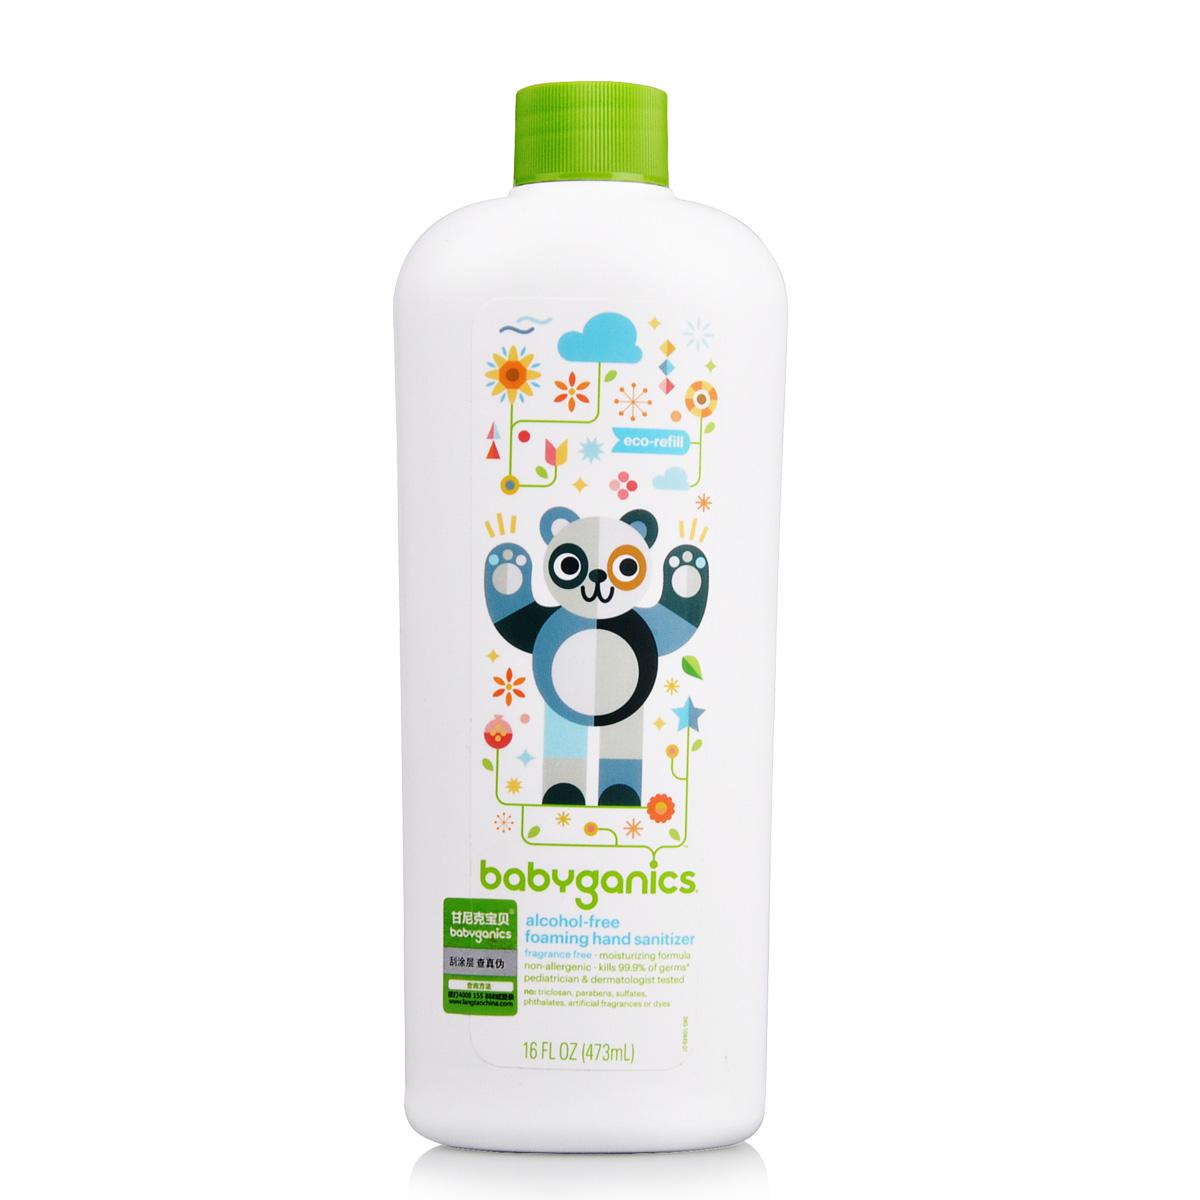 美國BabyGanics甘尼克寶貝寶寶天然泡沫免洗洗手液補充裝